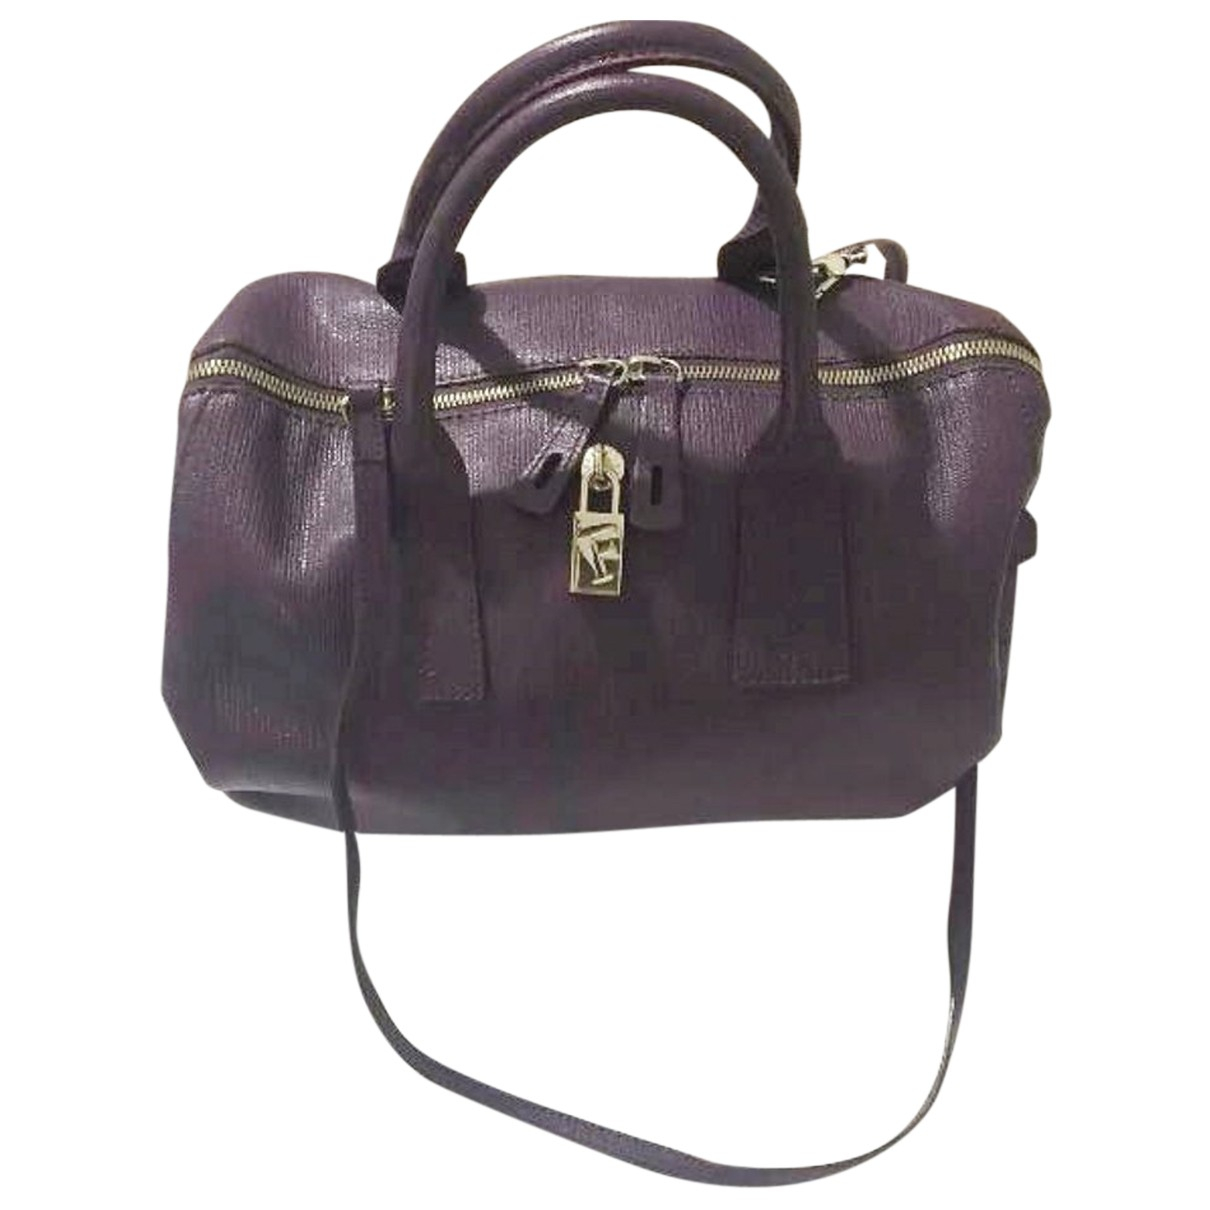 Furla - Sac a main   pour femme en cuir - violet